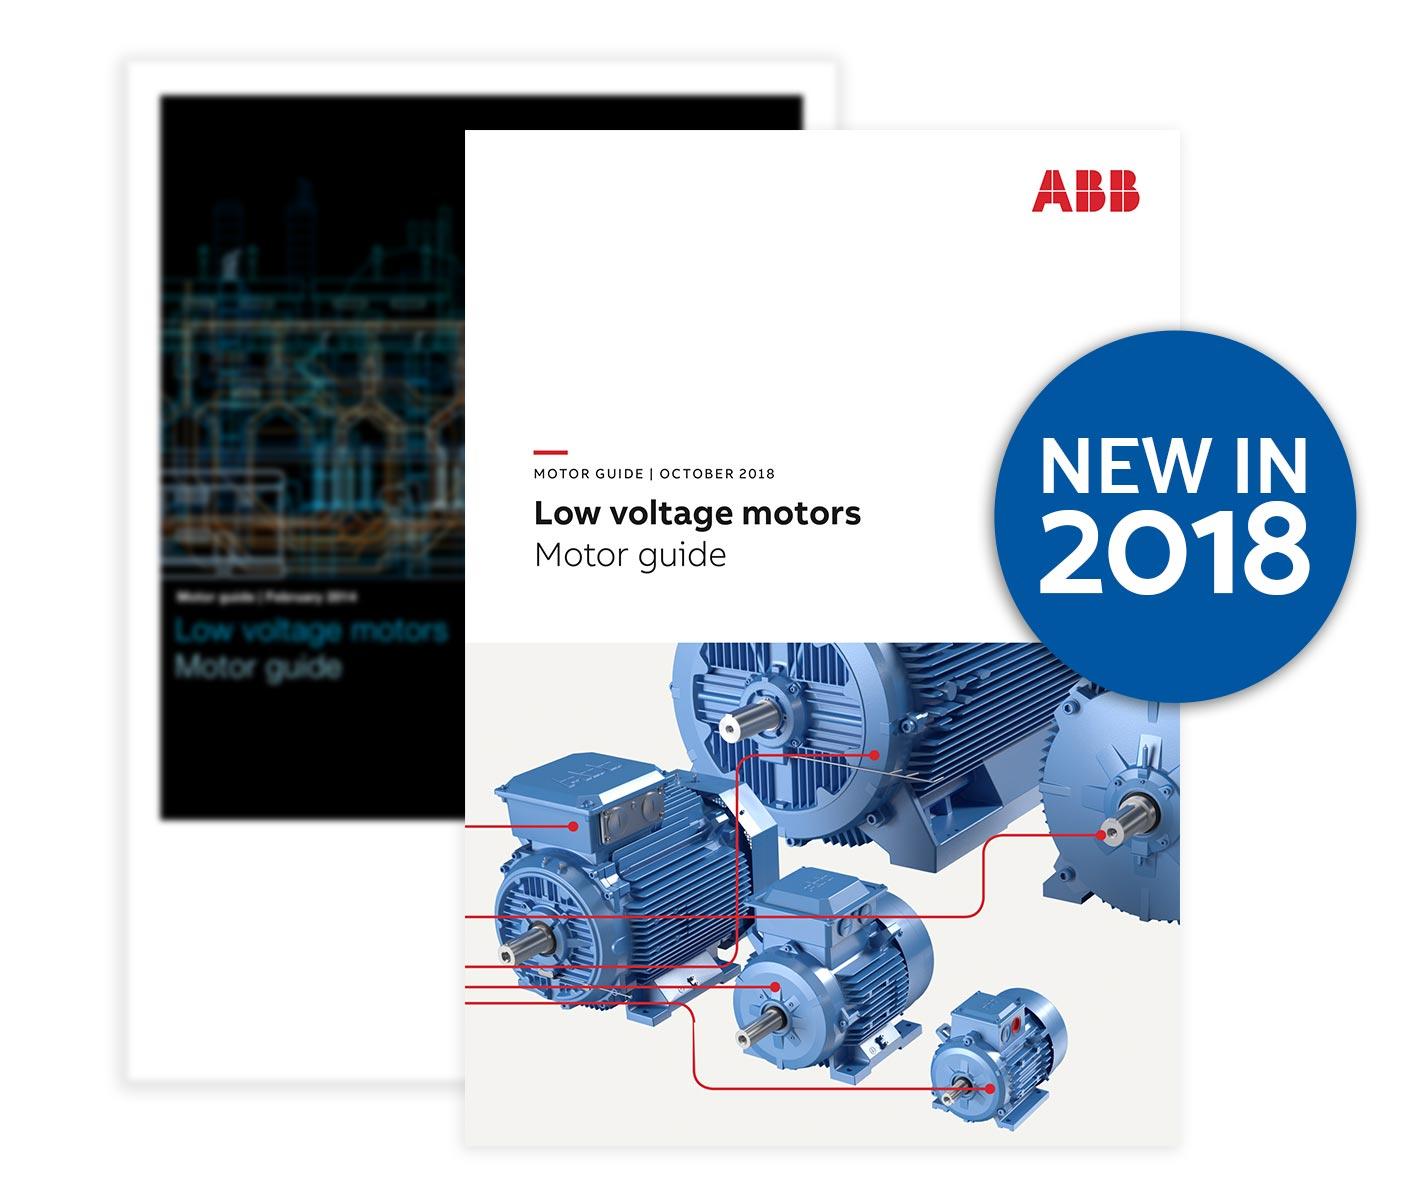 ABB Motor Guide October 2018